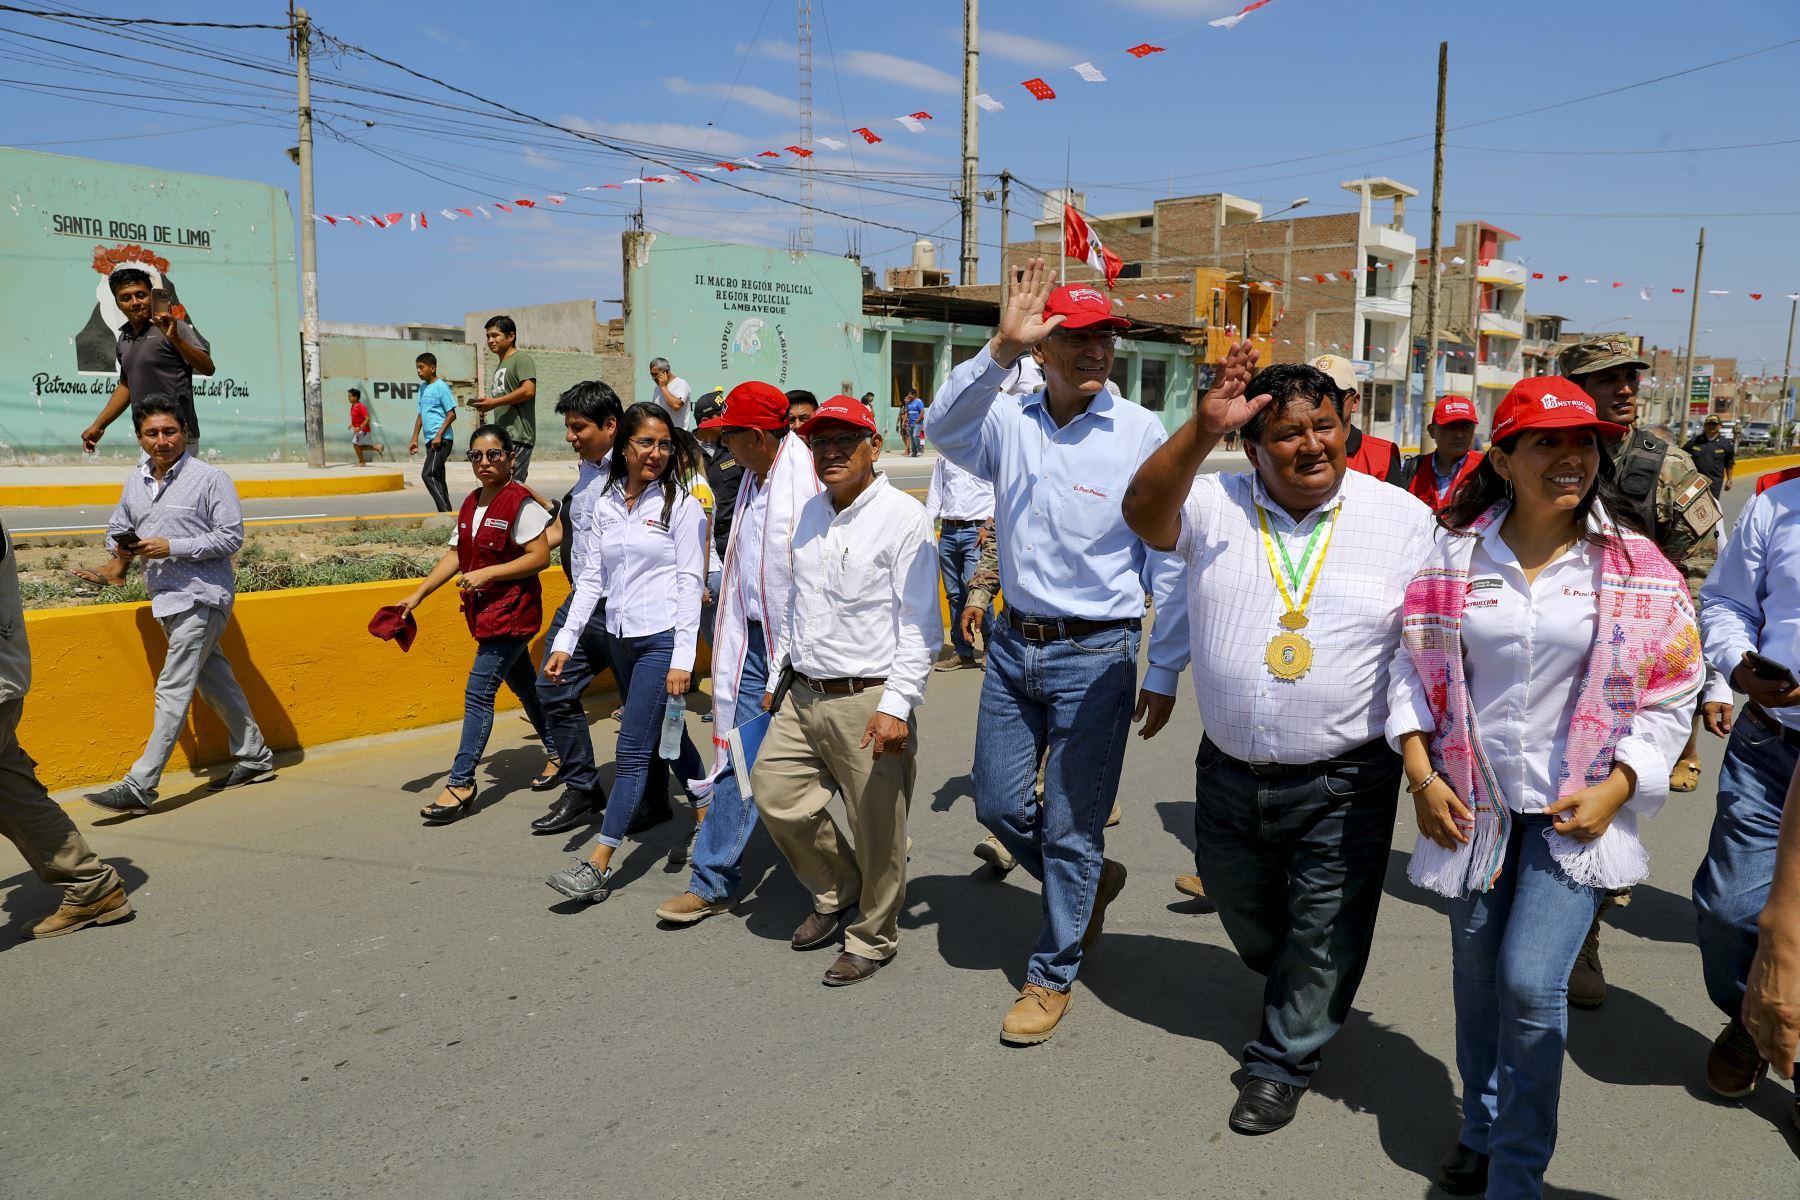 Presidente Martín Vizcarra supervisó la entrega de obras de rehabilitación de las calles del distrito de Santa Rosa de Chiclayo.Foto:ANDINA/ Prensa Presidencia